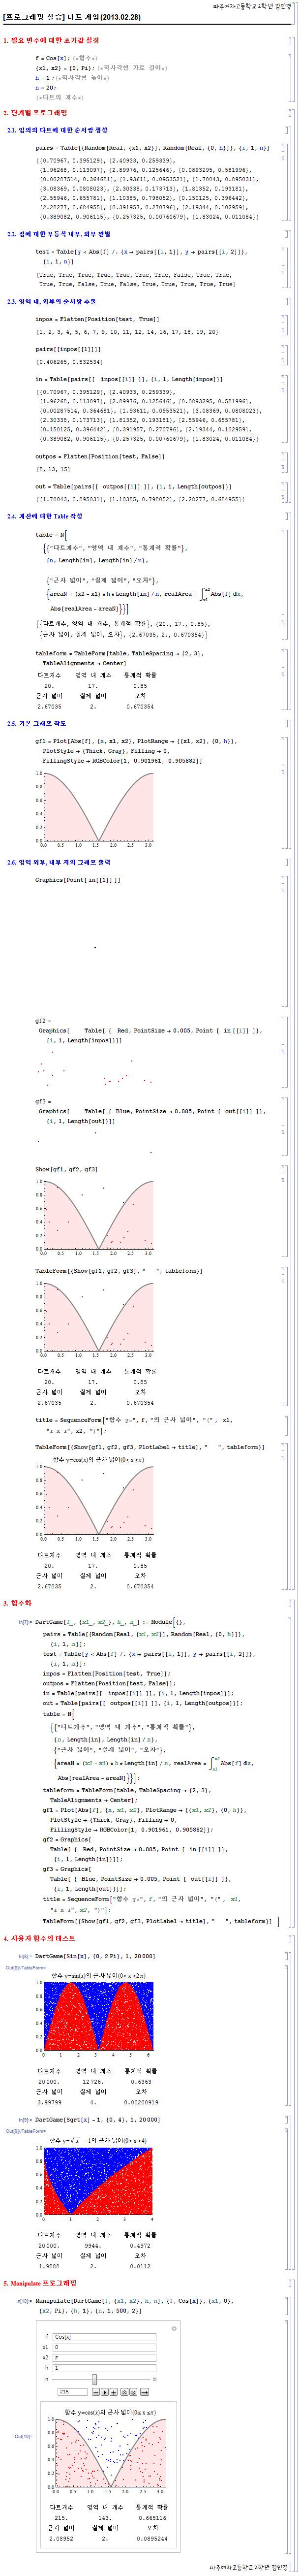 프로그래밍 실습 다트게임.jpg